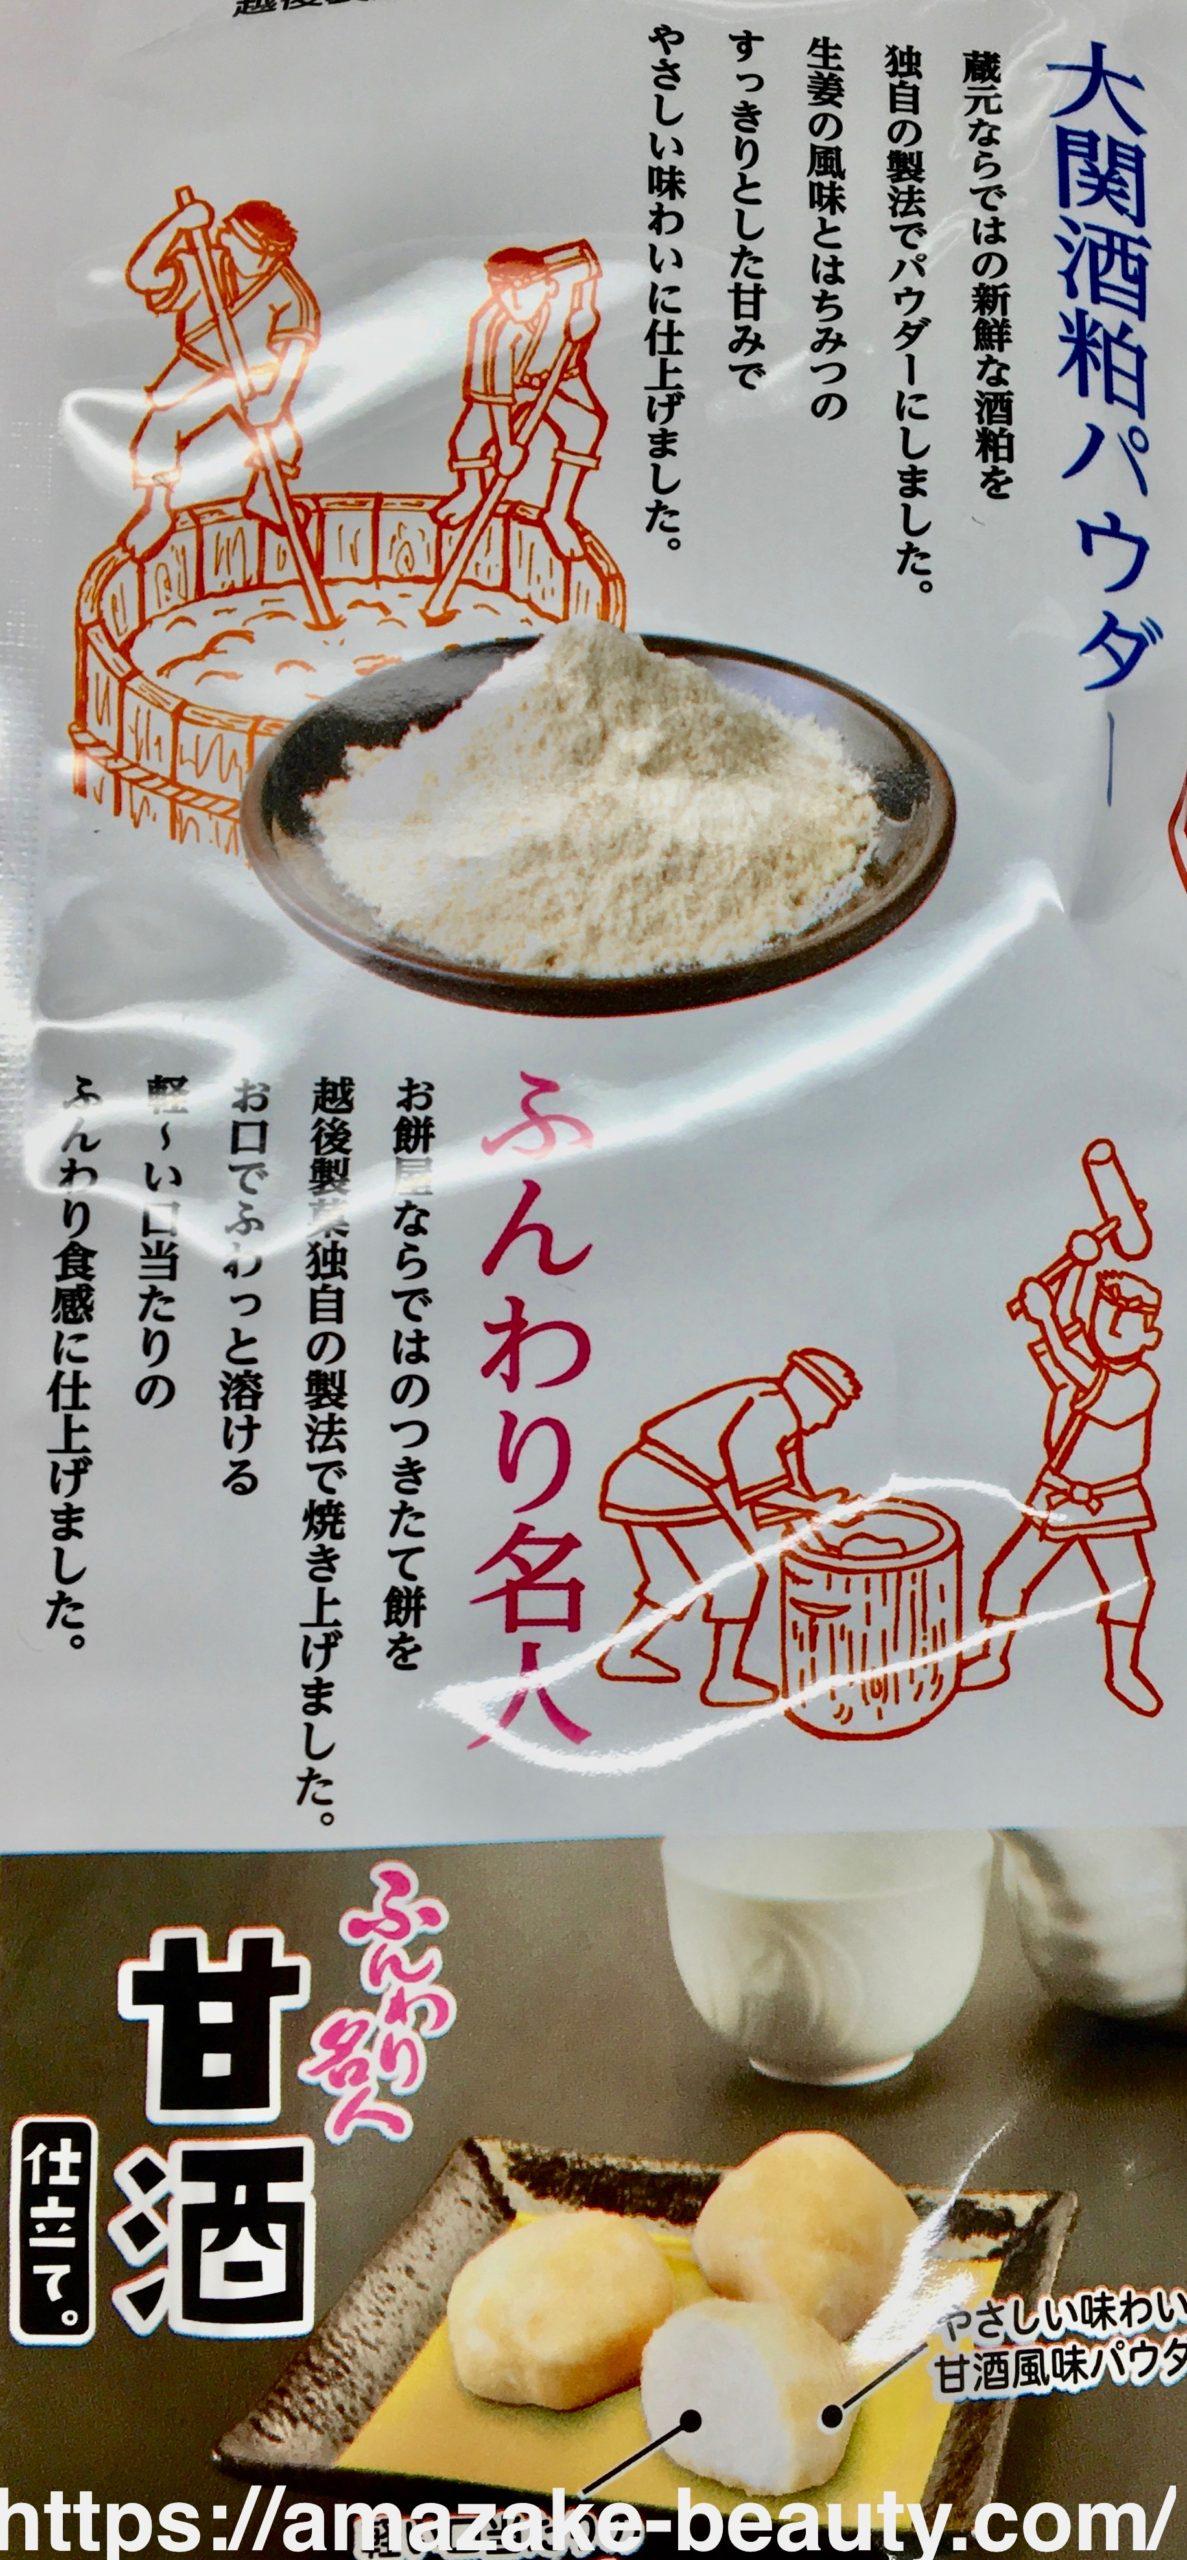 越後製菓×大関コラボ 『ふんわり名人 甘酒仕立て』(商品説明)